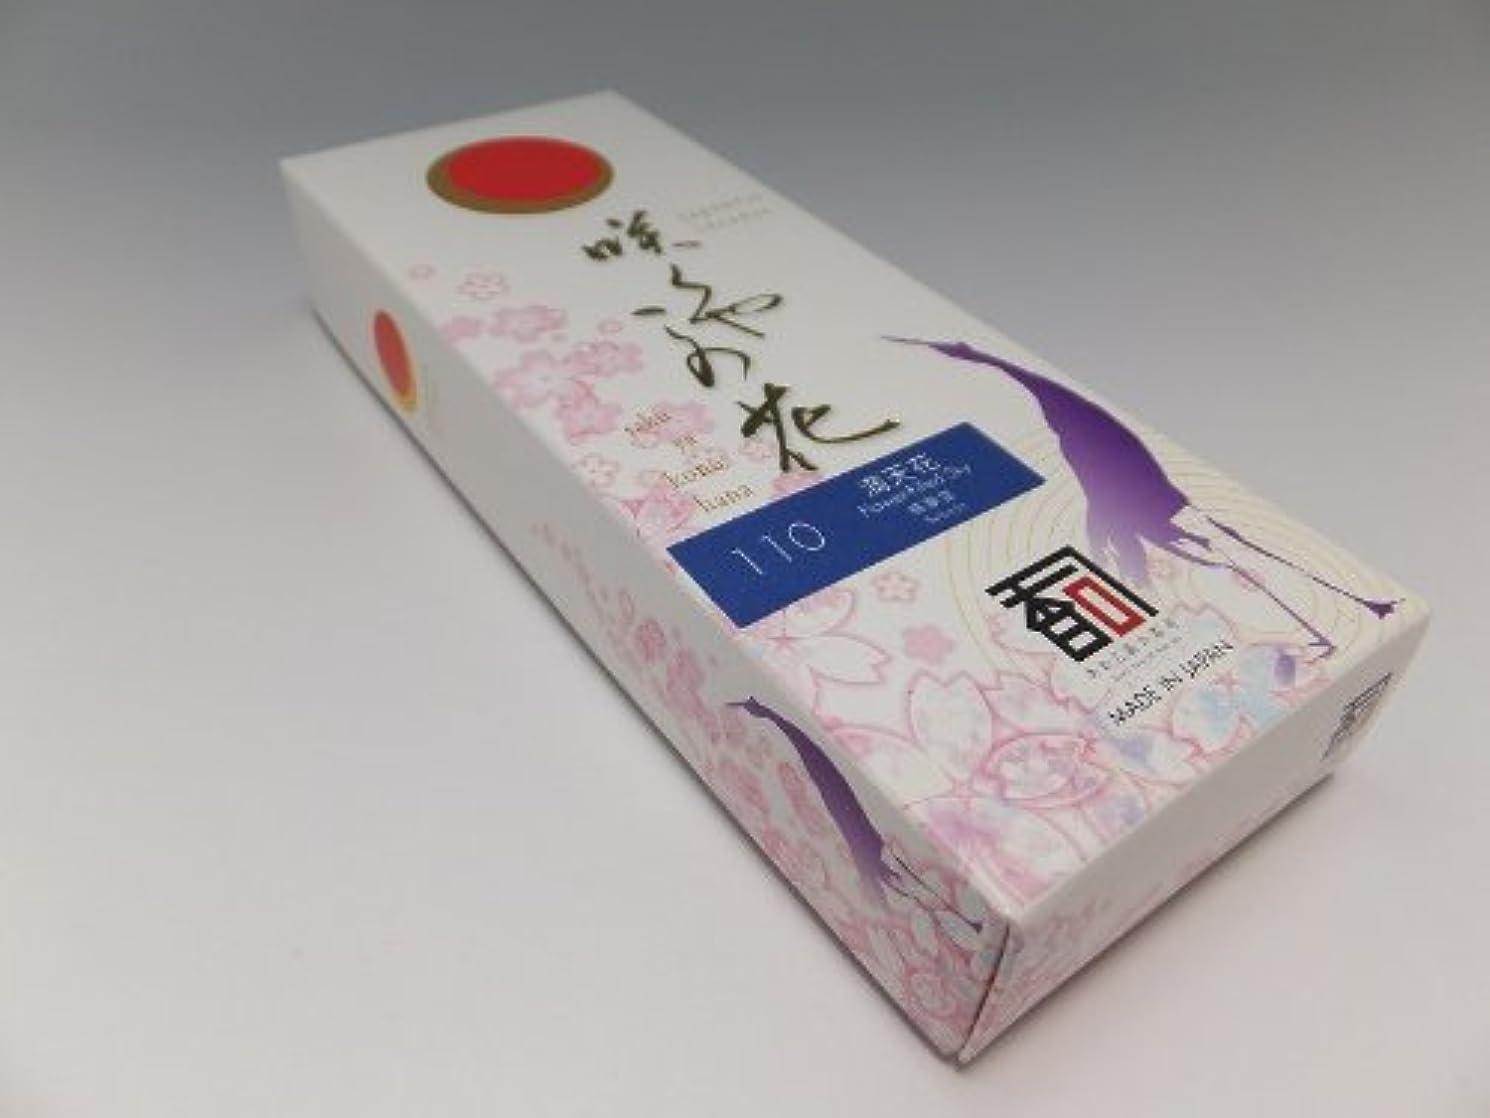 異邦人暗唱する戸棚「あわじ島の香司」 日本の香りシリーズ  [咲くや この花] 【110】 満天花 (煙少)